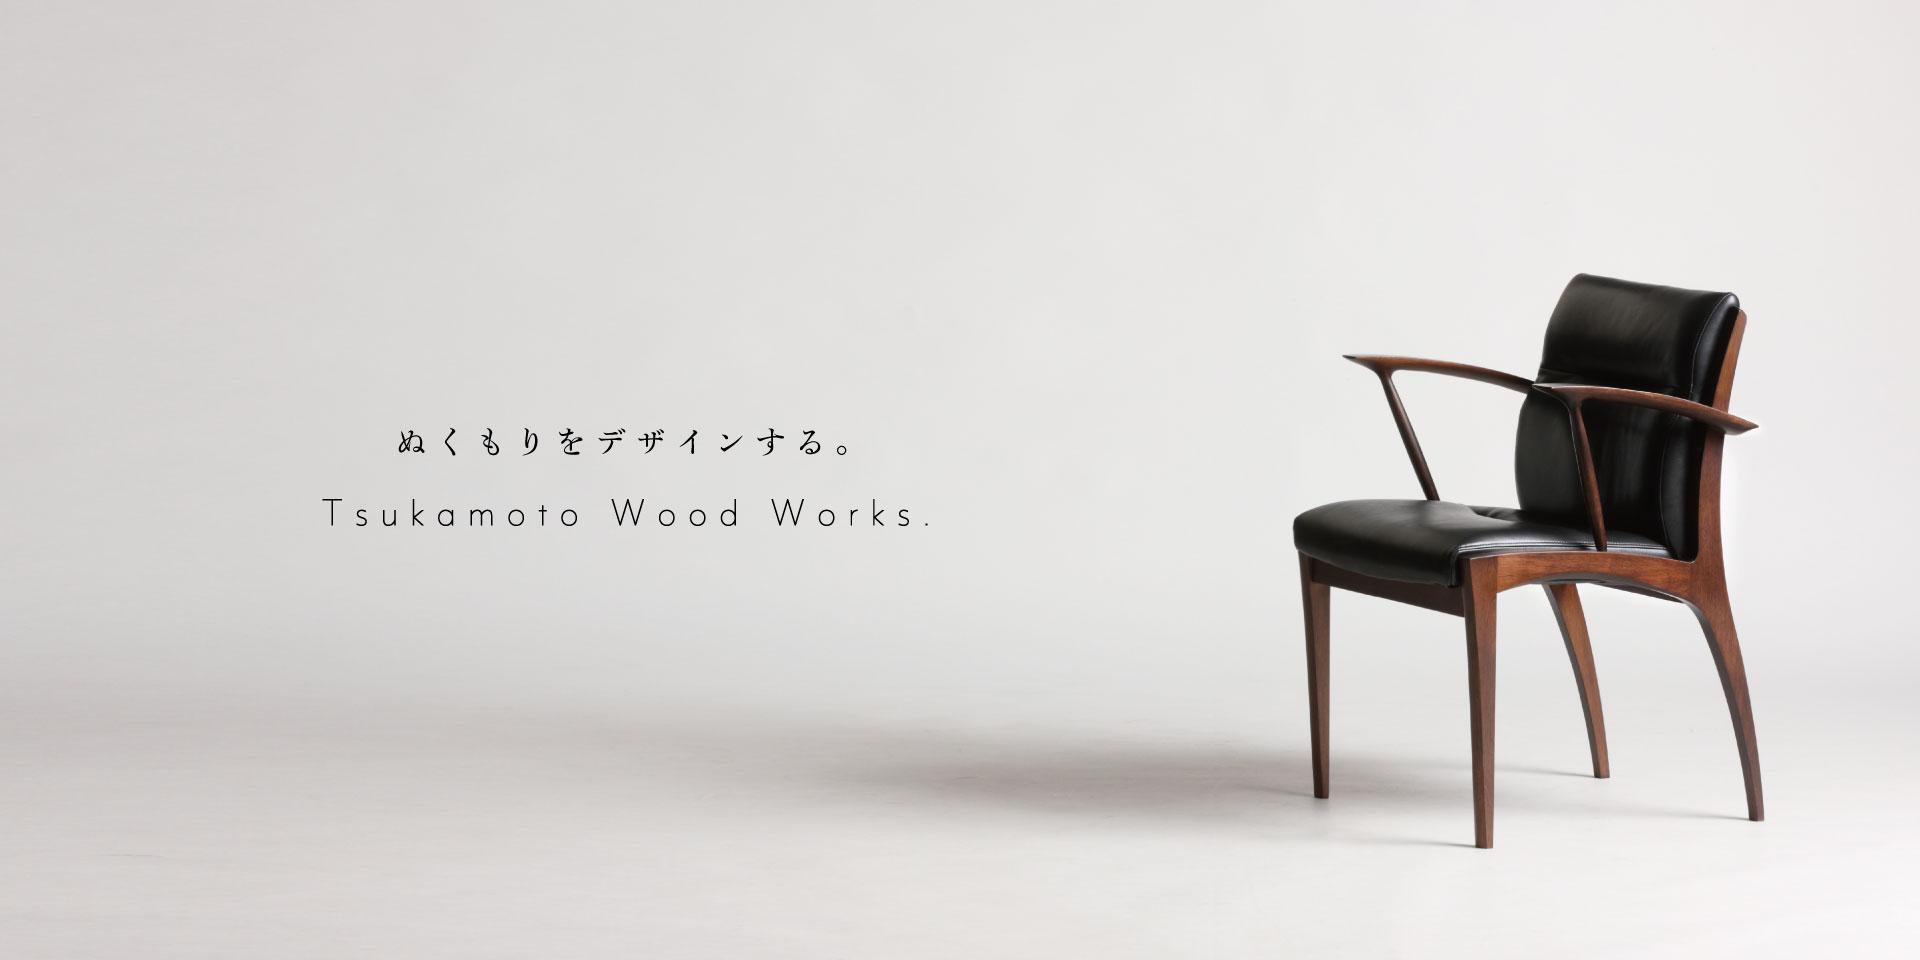 有限会社 塚本木工所 [広島県福山市]